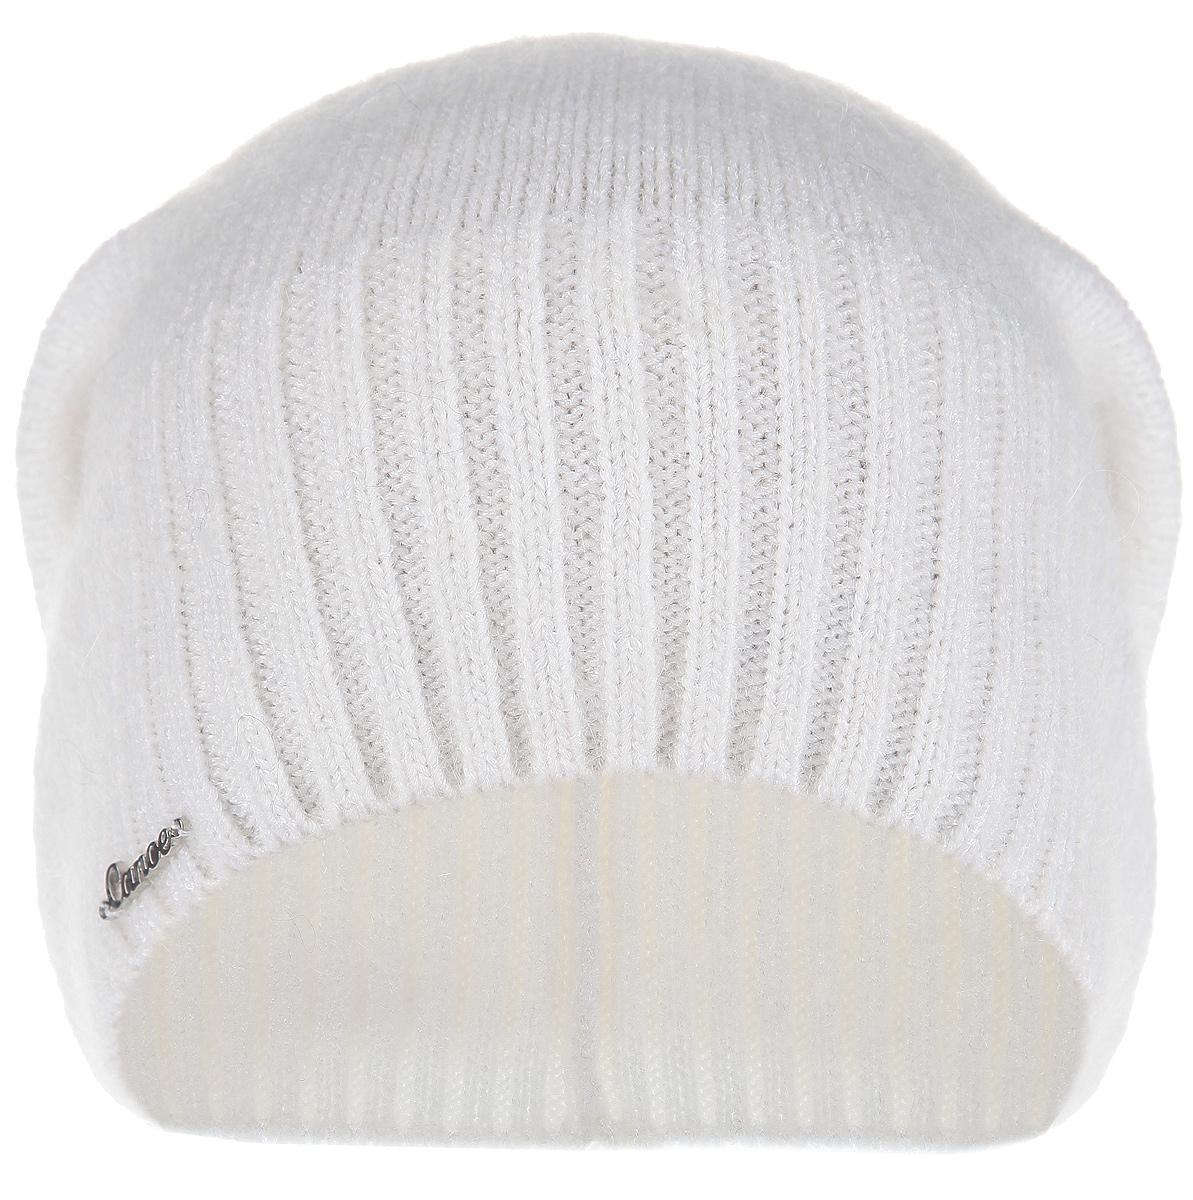 3446680Стильная женская шапка Canoe Lina идеально подойдет для прогулок и занятия спортом в прохладное время года. Удлиненная шапка мелкой вязки выполнена из высококачественной вискозной пряжи с добавлением итальянского суперкид мохера, что обеспечивает невероятную легкость и мягкость, а также позволяет шапке надежно сохранять тепло. Низ шапки связан резинкой, что обеспечивает эластичность и удобную посадку. Шапка оформлена металлическим лейблом с логотипом производителя. Такая шапка станет модным и стильным дополнением вашего зимнего гардероба. Она согреет вас и позволит подчеркнуть свою индивидуальность!